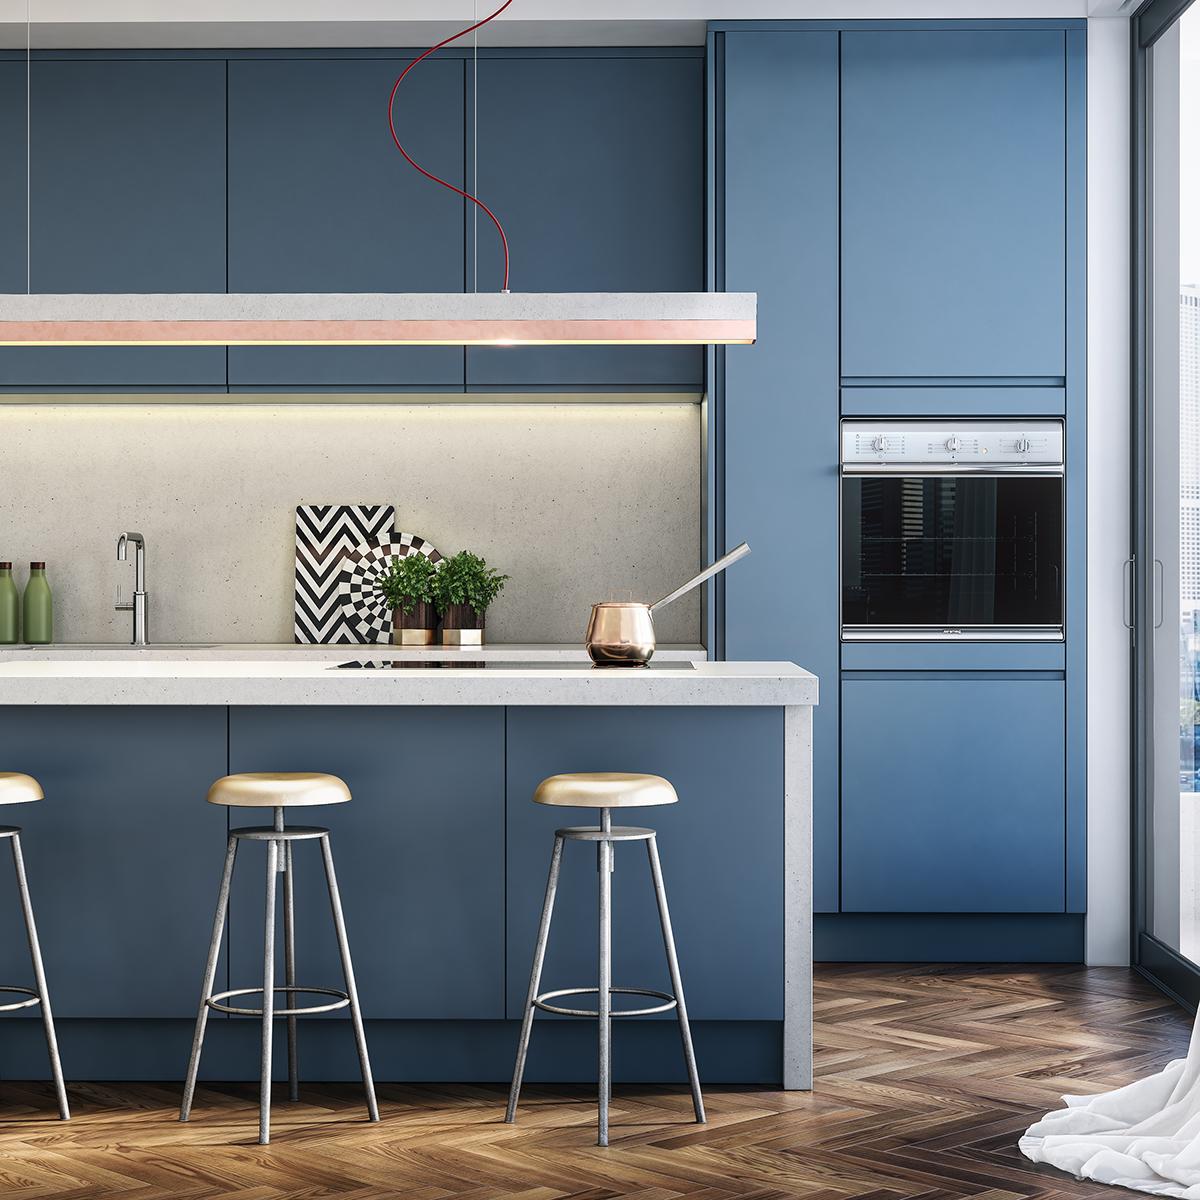 3D Visualization vray archvis archviz kitchen